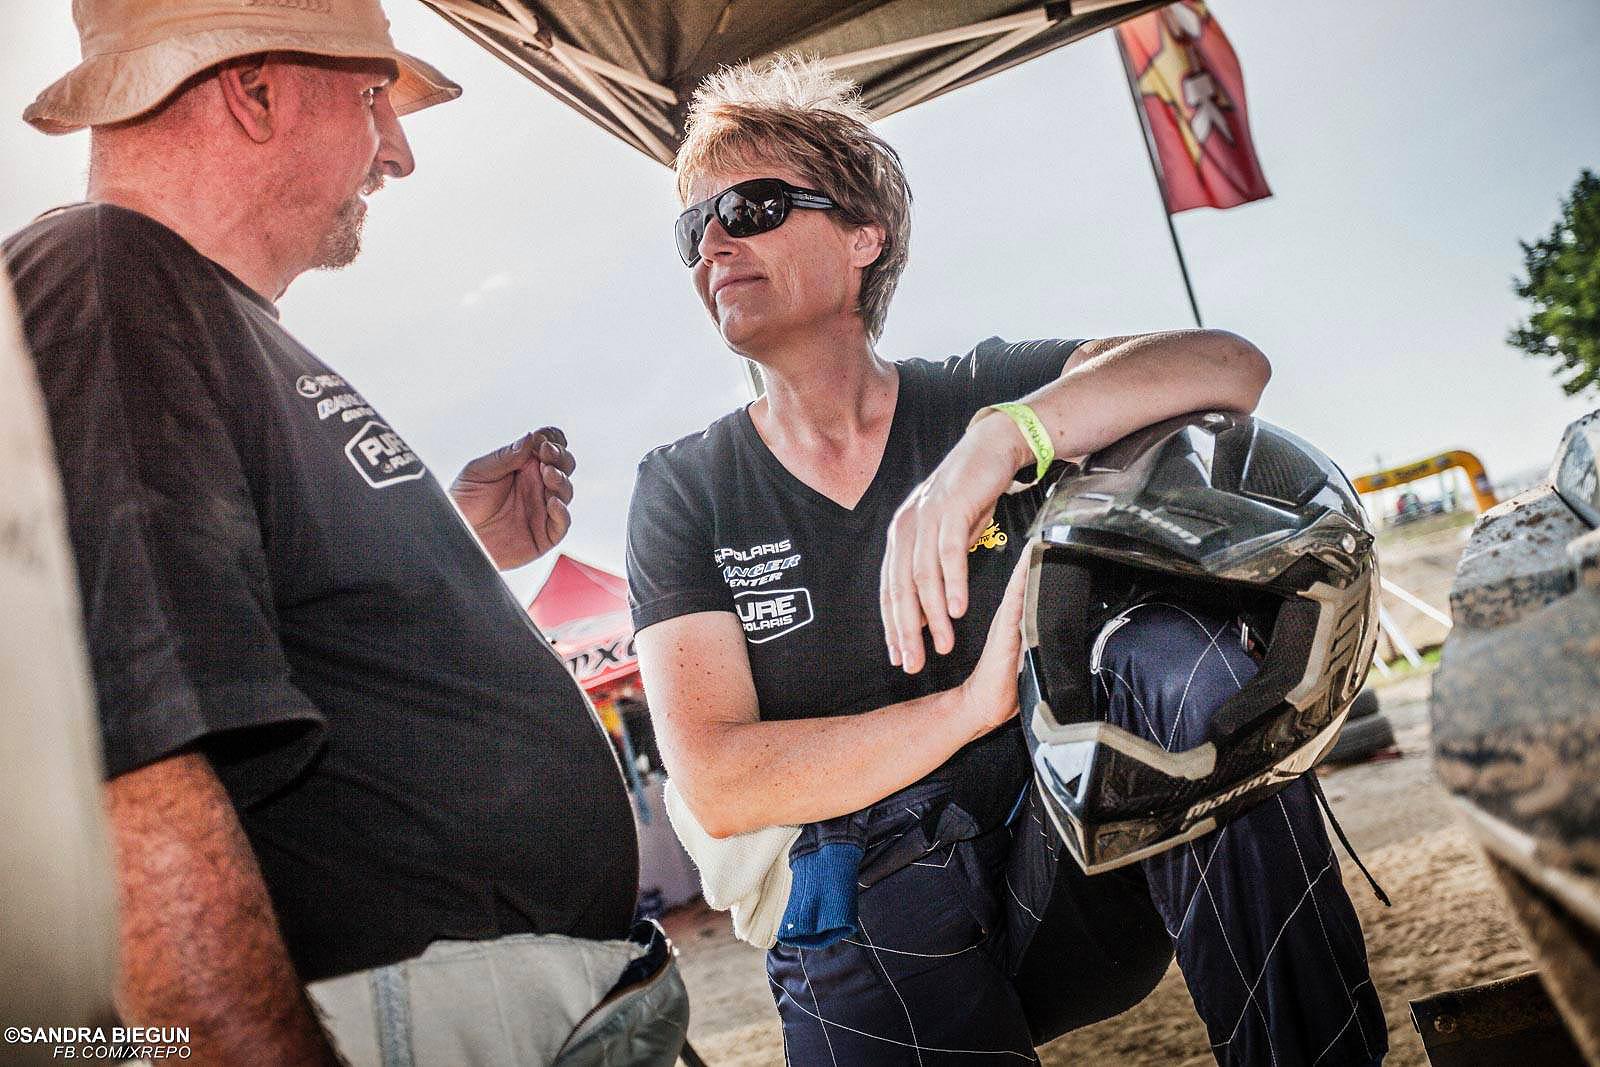 """Jutta Kleinschmidt wie man sie kennt. Immer nah am Publikum - eben ein Rallye Star zum """"Anfassen""""."""